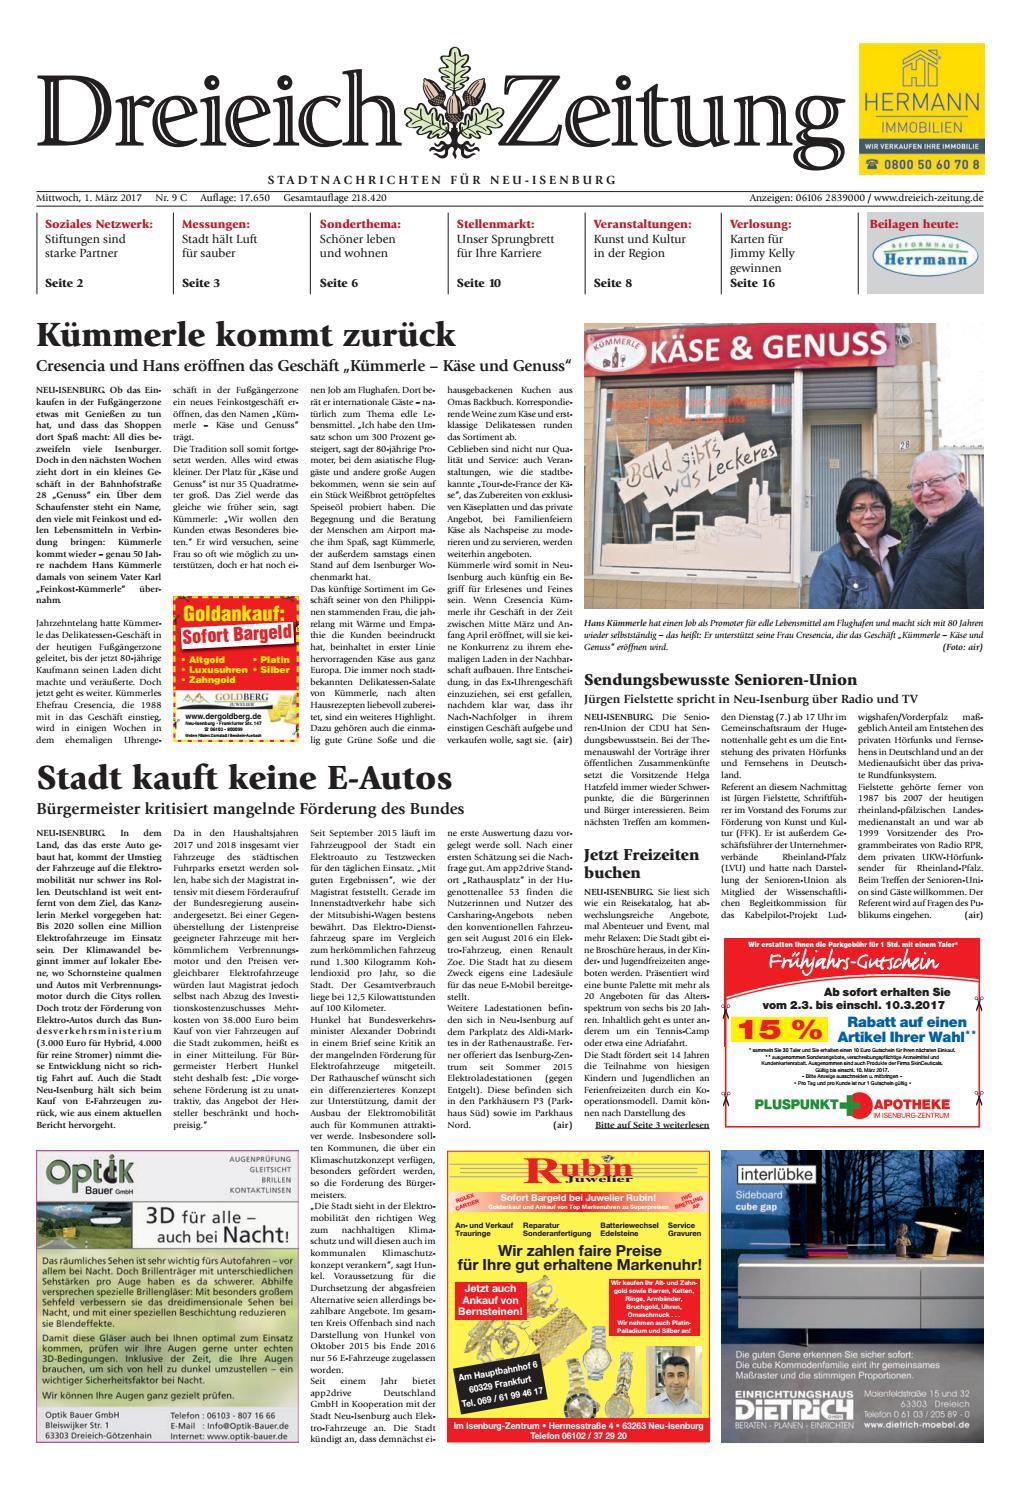 Dz Online 009 17 C By Dreieich Zeitung Offenbach Journal Issuu